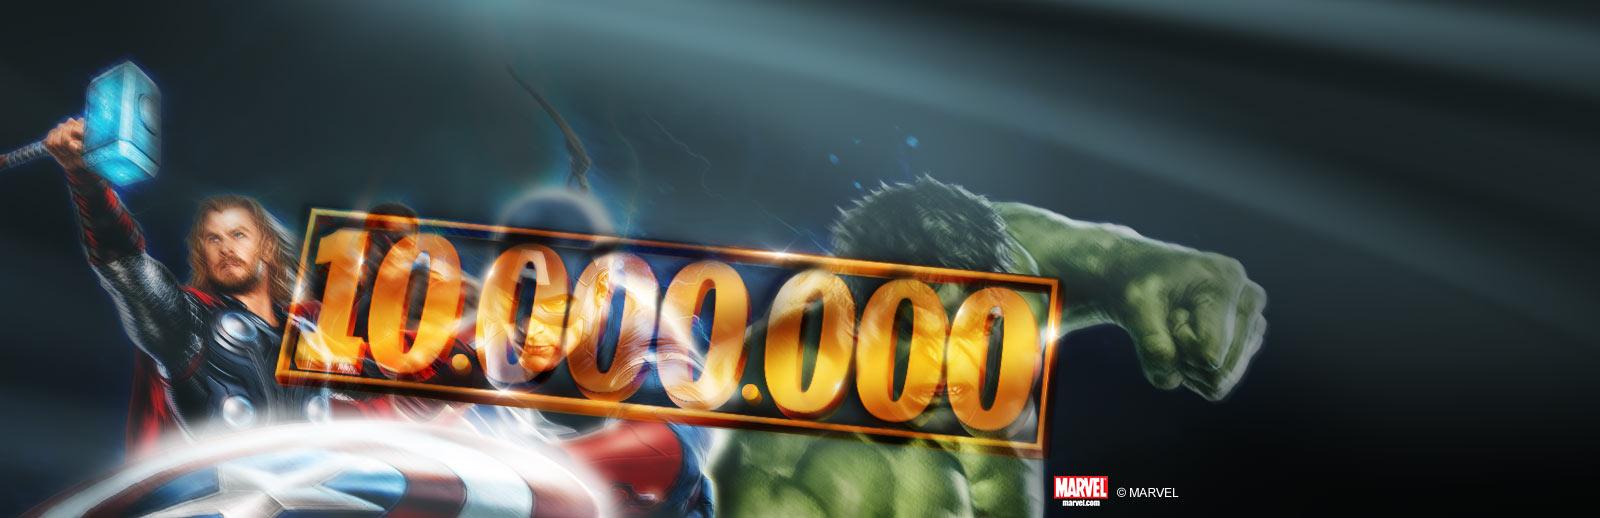 10 MILLIONS DE SPINS MARVEL